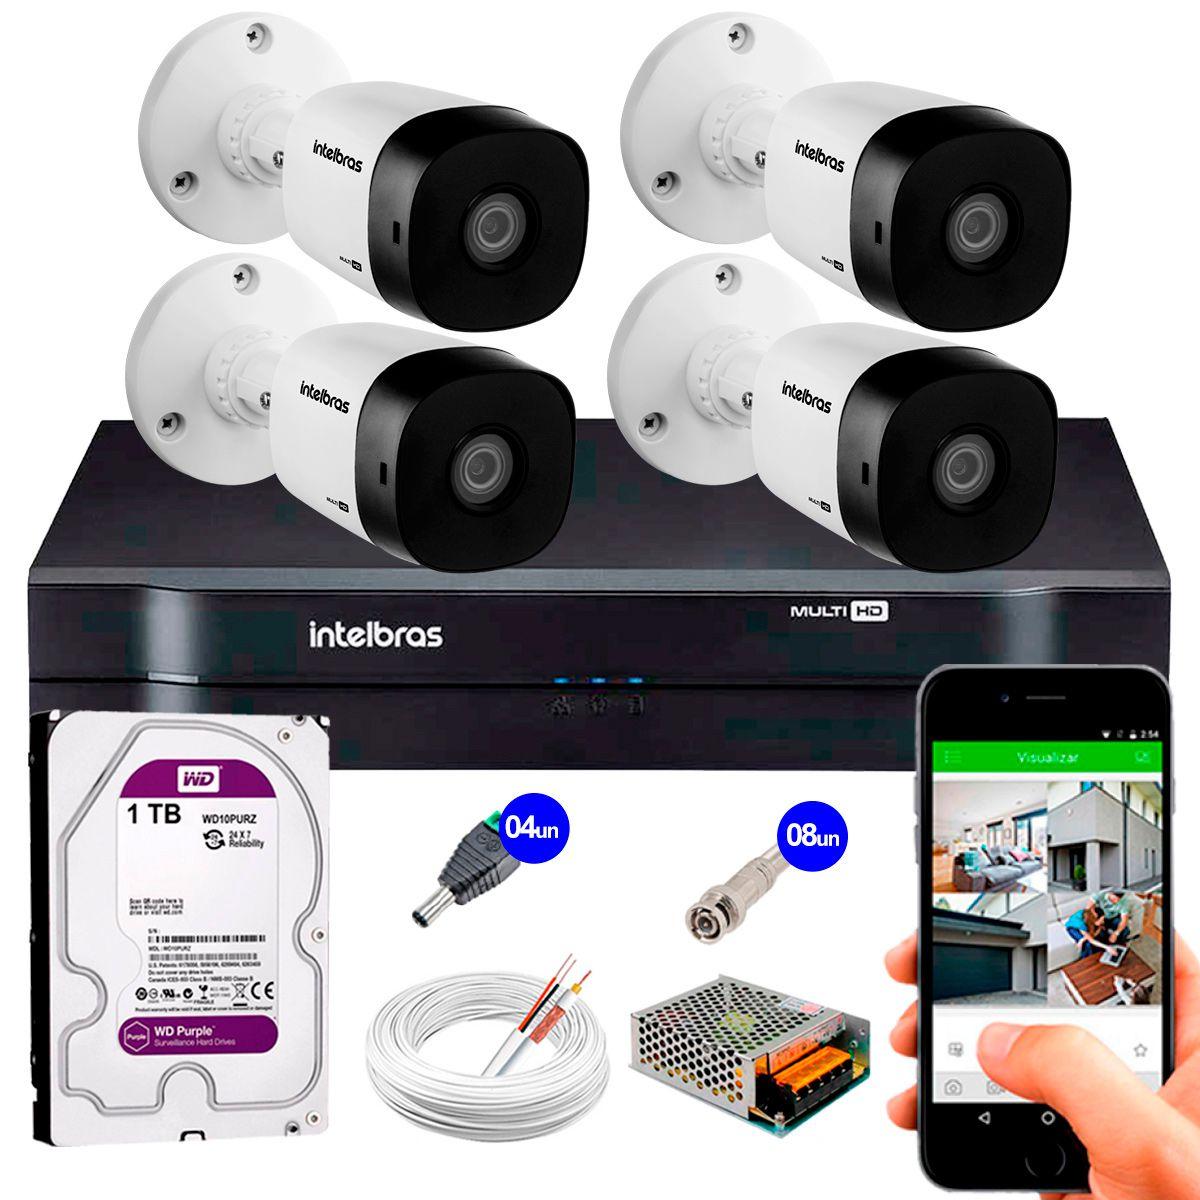 Kit 4 Câmeras VHD 3120 B G5 + DVR Intelbras + HD 1TB para Armazenamento + App Grátis de Monitoramento, Câmeras HD 720p 20m Infravermelho de Visão Noturna Intelbras + Fonte, Cabos e Acessórios  - Tudo Forte